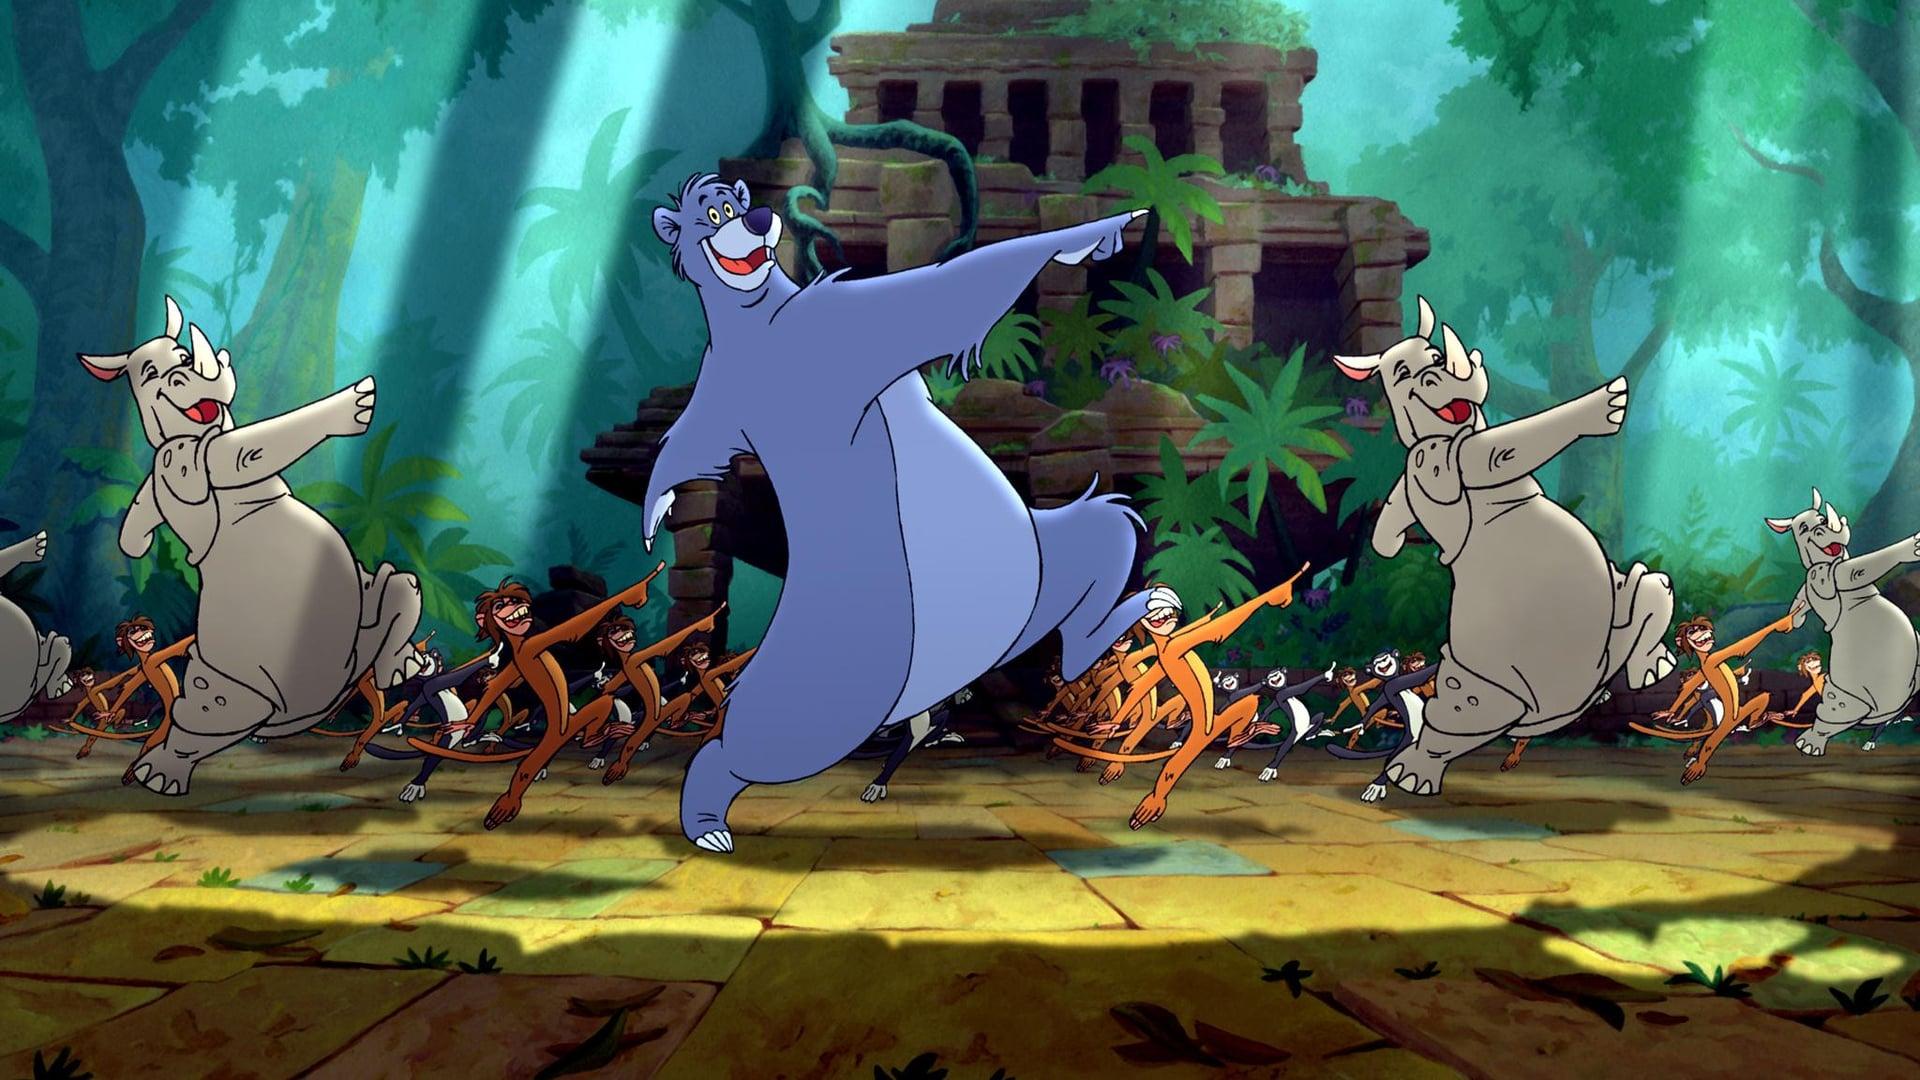 The Jungle Book 2 backdrop